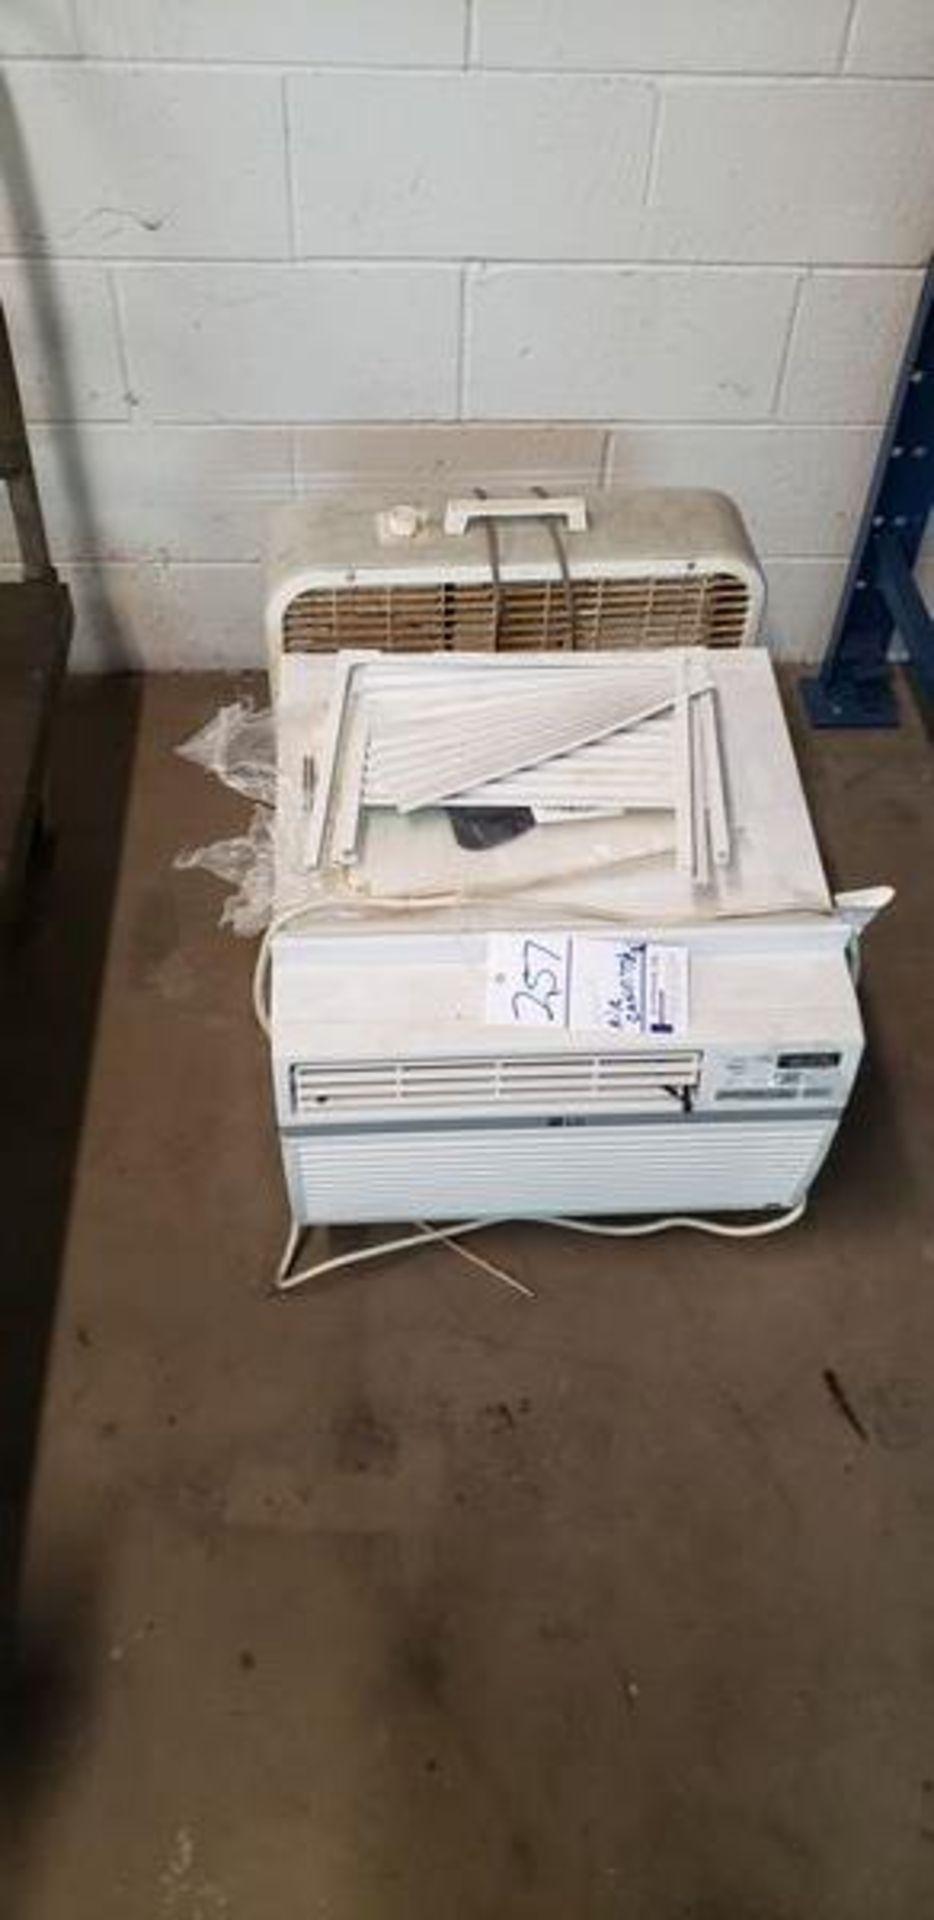 AIR CONDITIONER WINDOW UNIT - 8000 BTU - Image 2 of 2